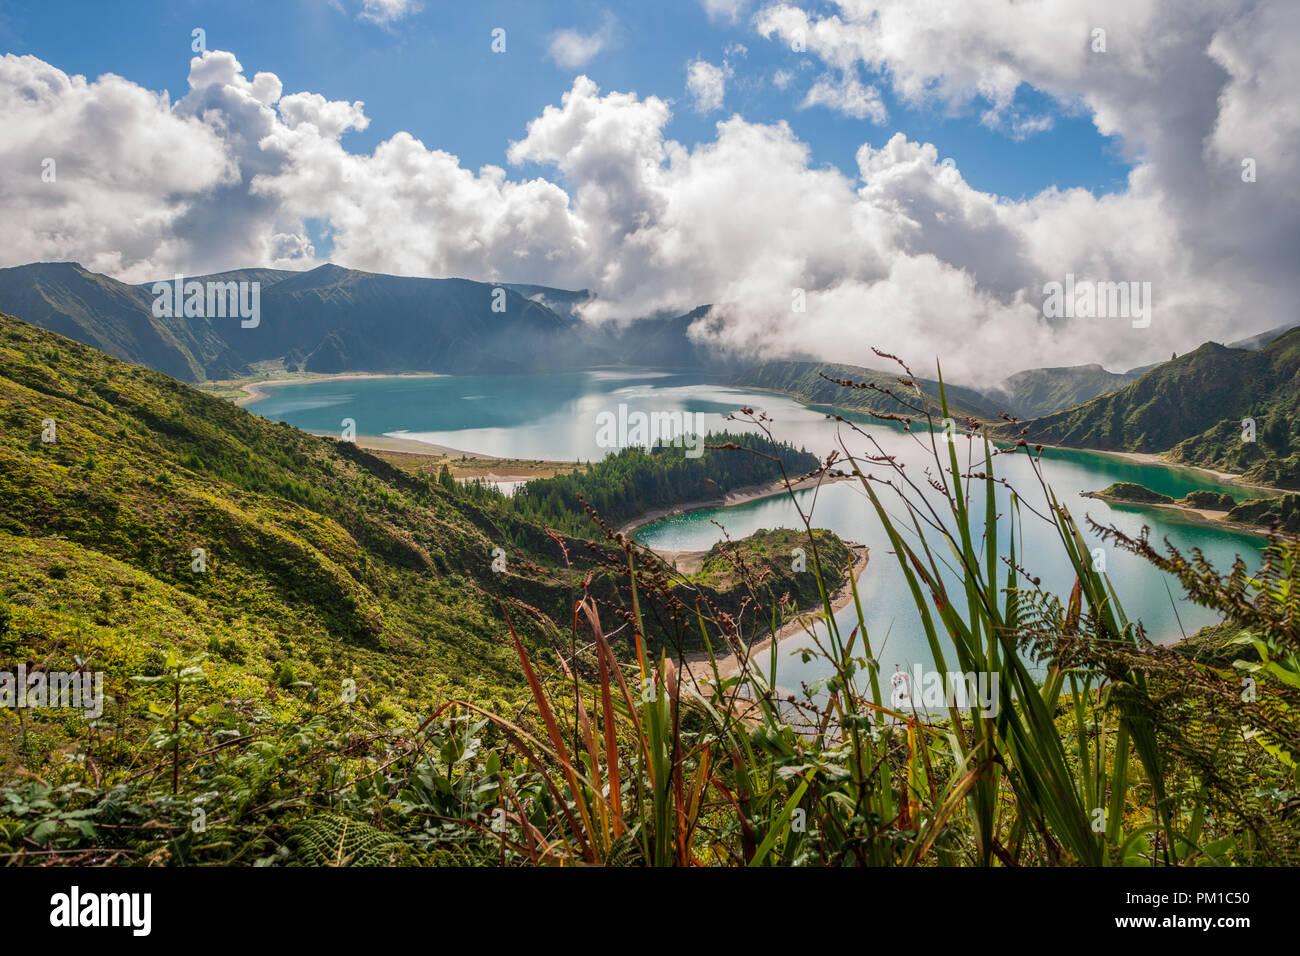 Anzeigen von Lagoa do Fogo See von Feuer auf der Insel Sao Miguel Azoren ein kratersee in der Água de Pau massiv Stratovulkan Stockbild